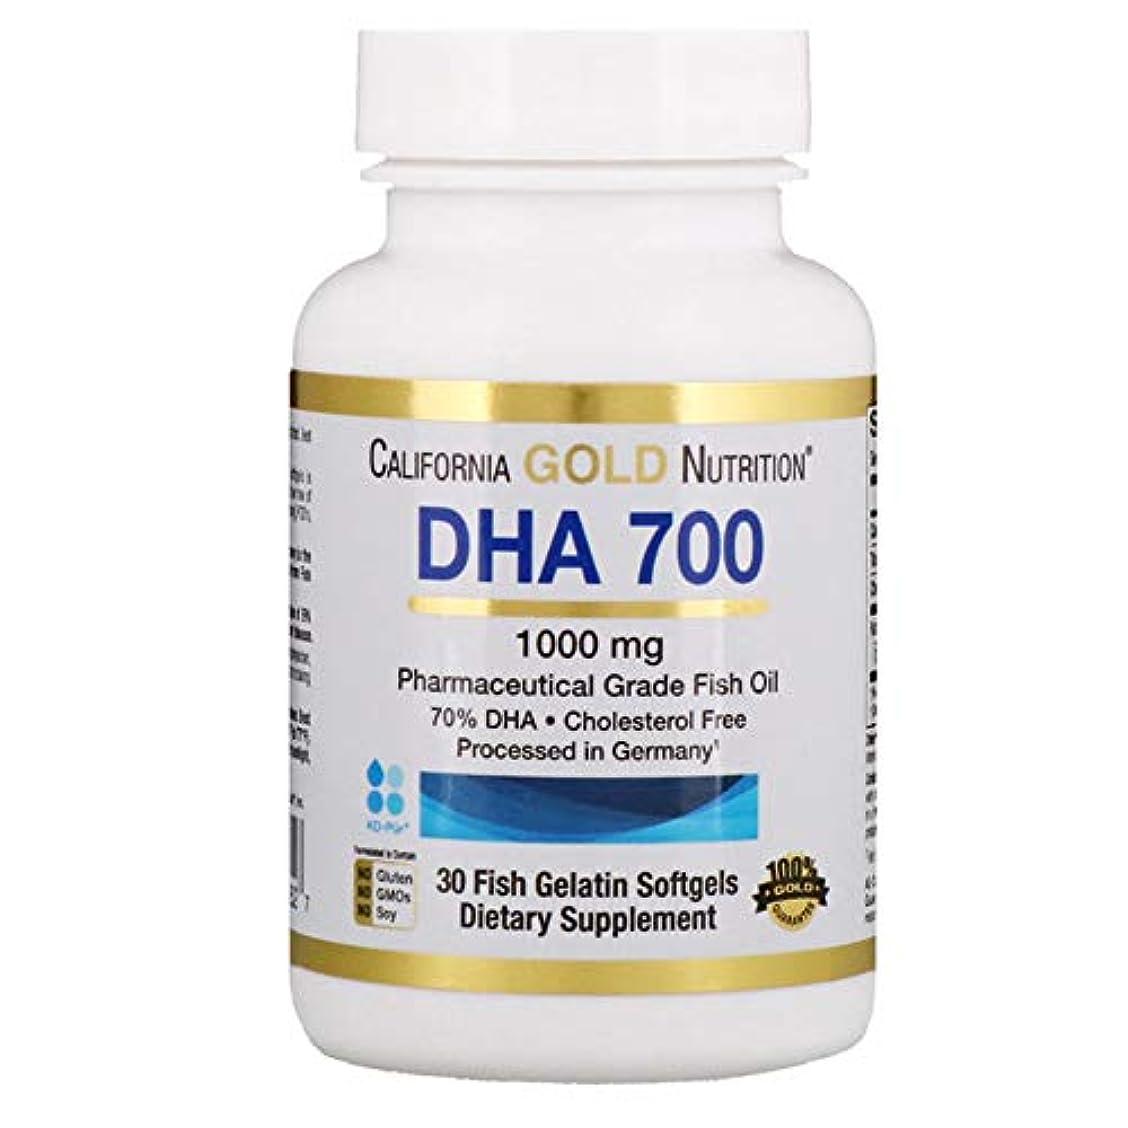 食事ソロ劣るCalifornia Gold Nutrition DHA 700 フィッシュオイル 医薬品グレード 1000 mg 魚ゼラチンソフトジェル 30個 【アメリカ直送】